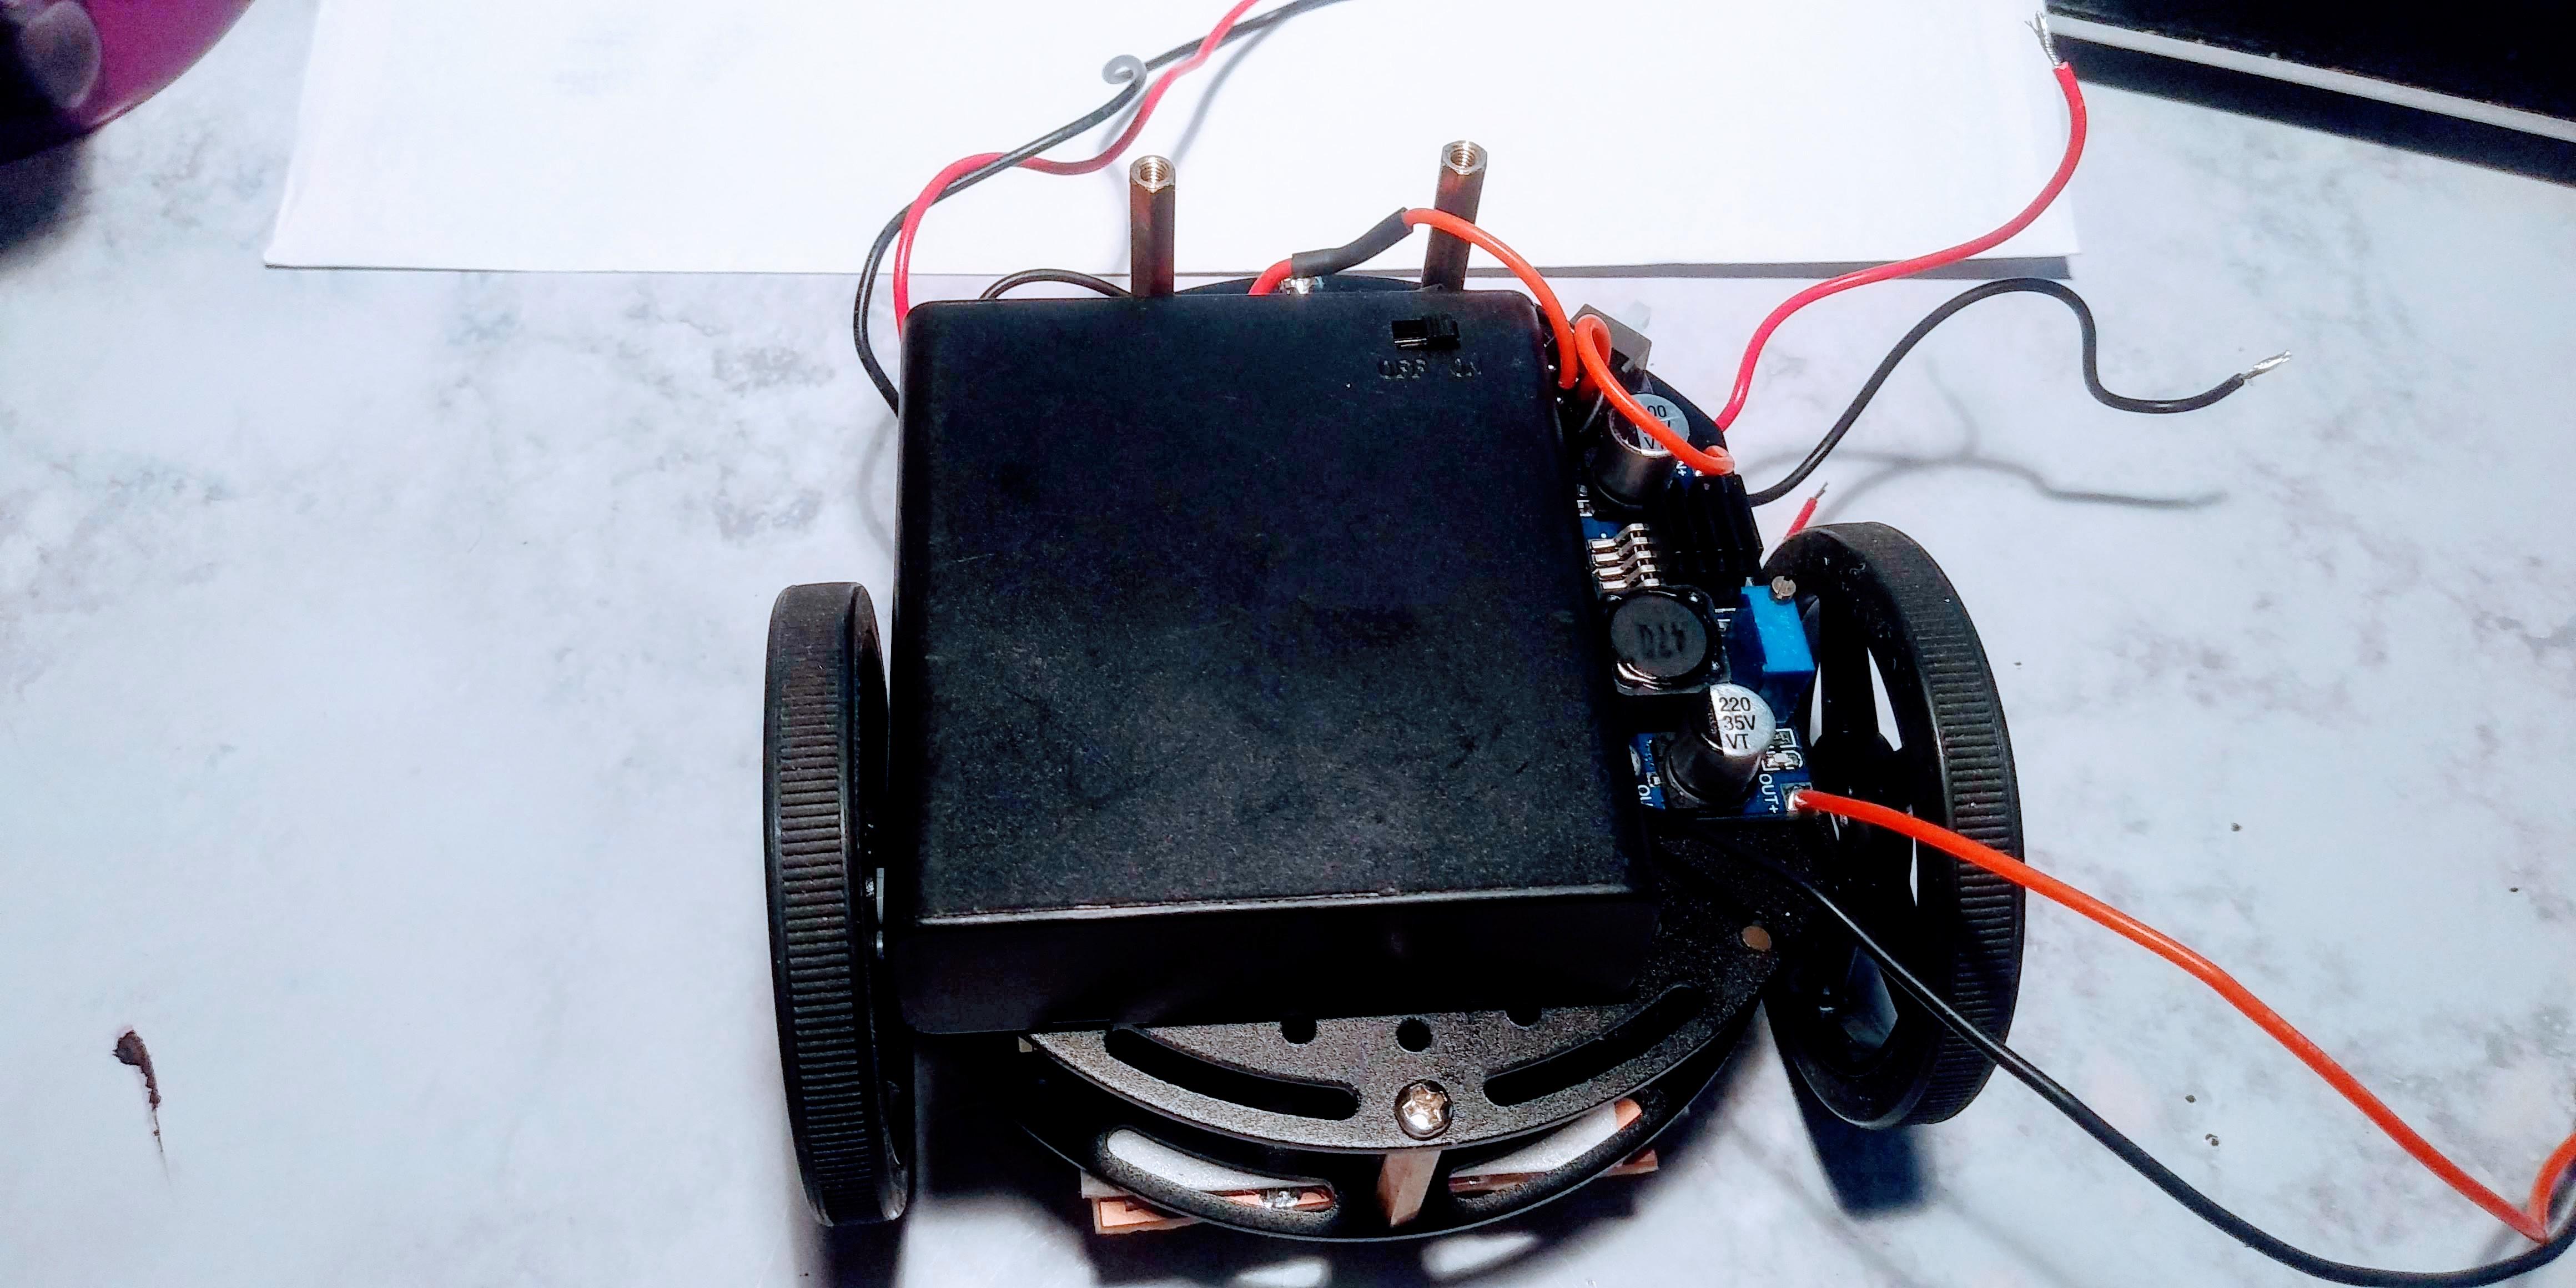 robotics___cnc_20190924_134801_HDR.jpg